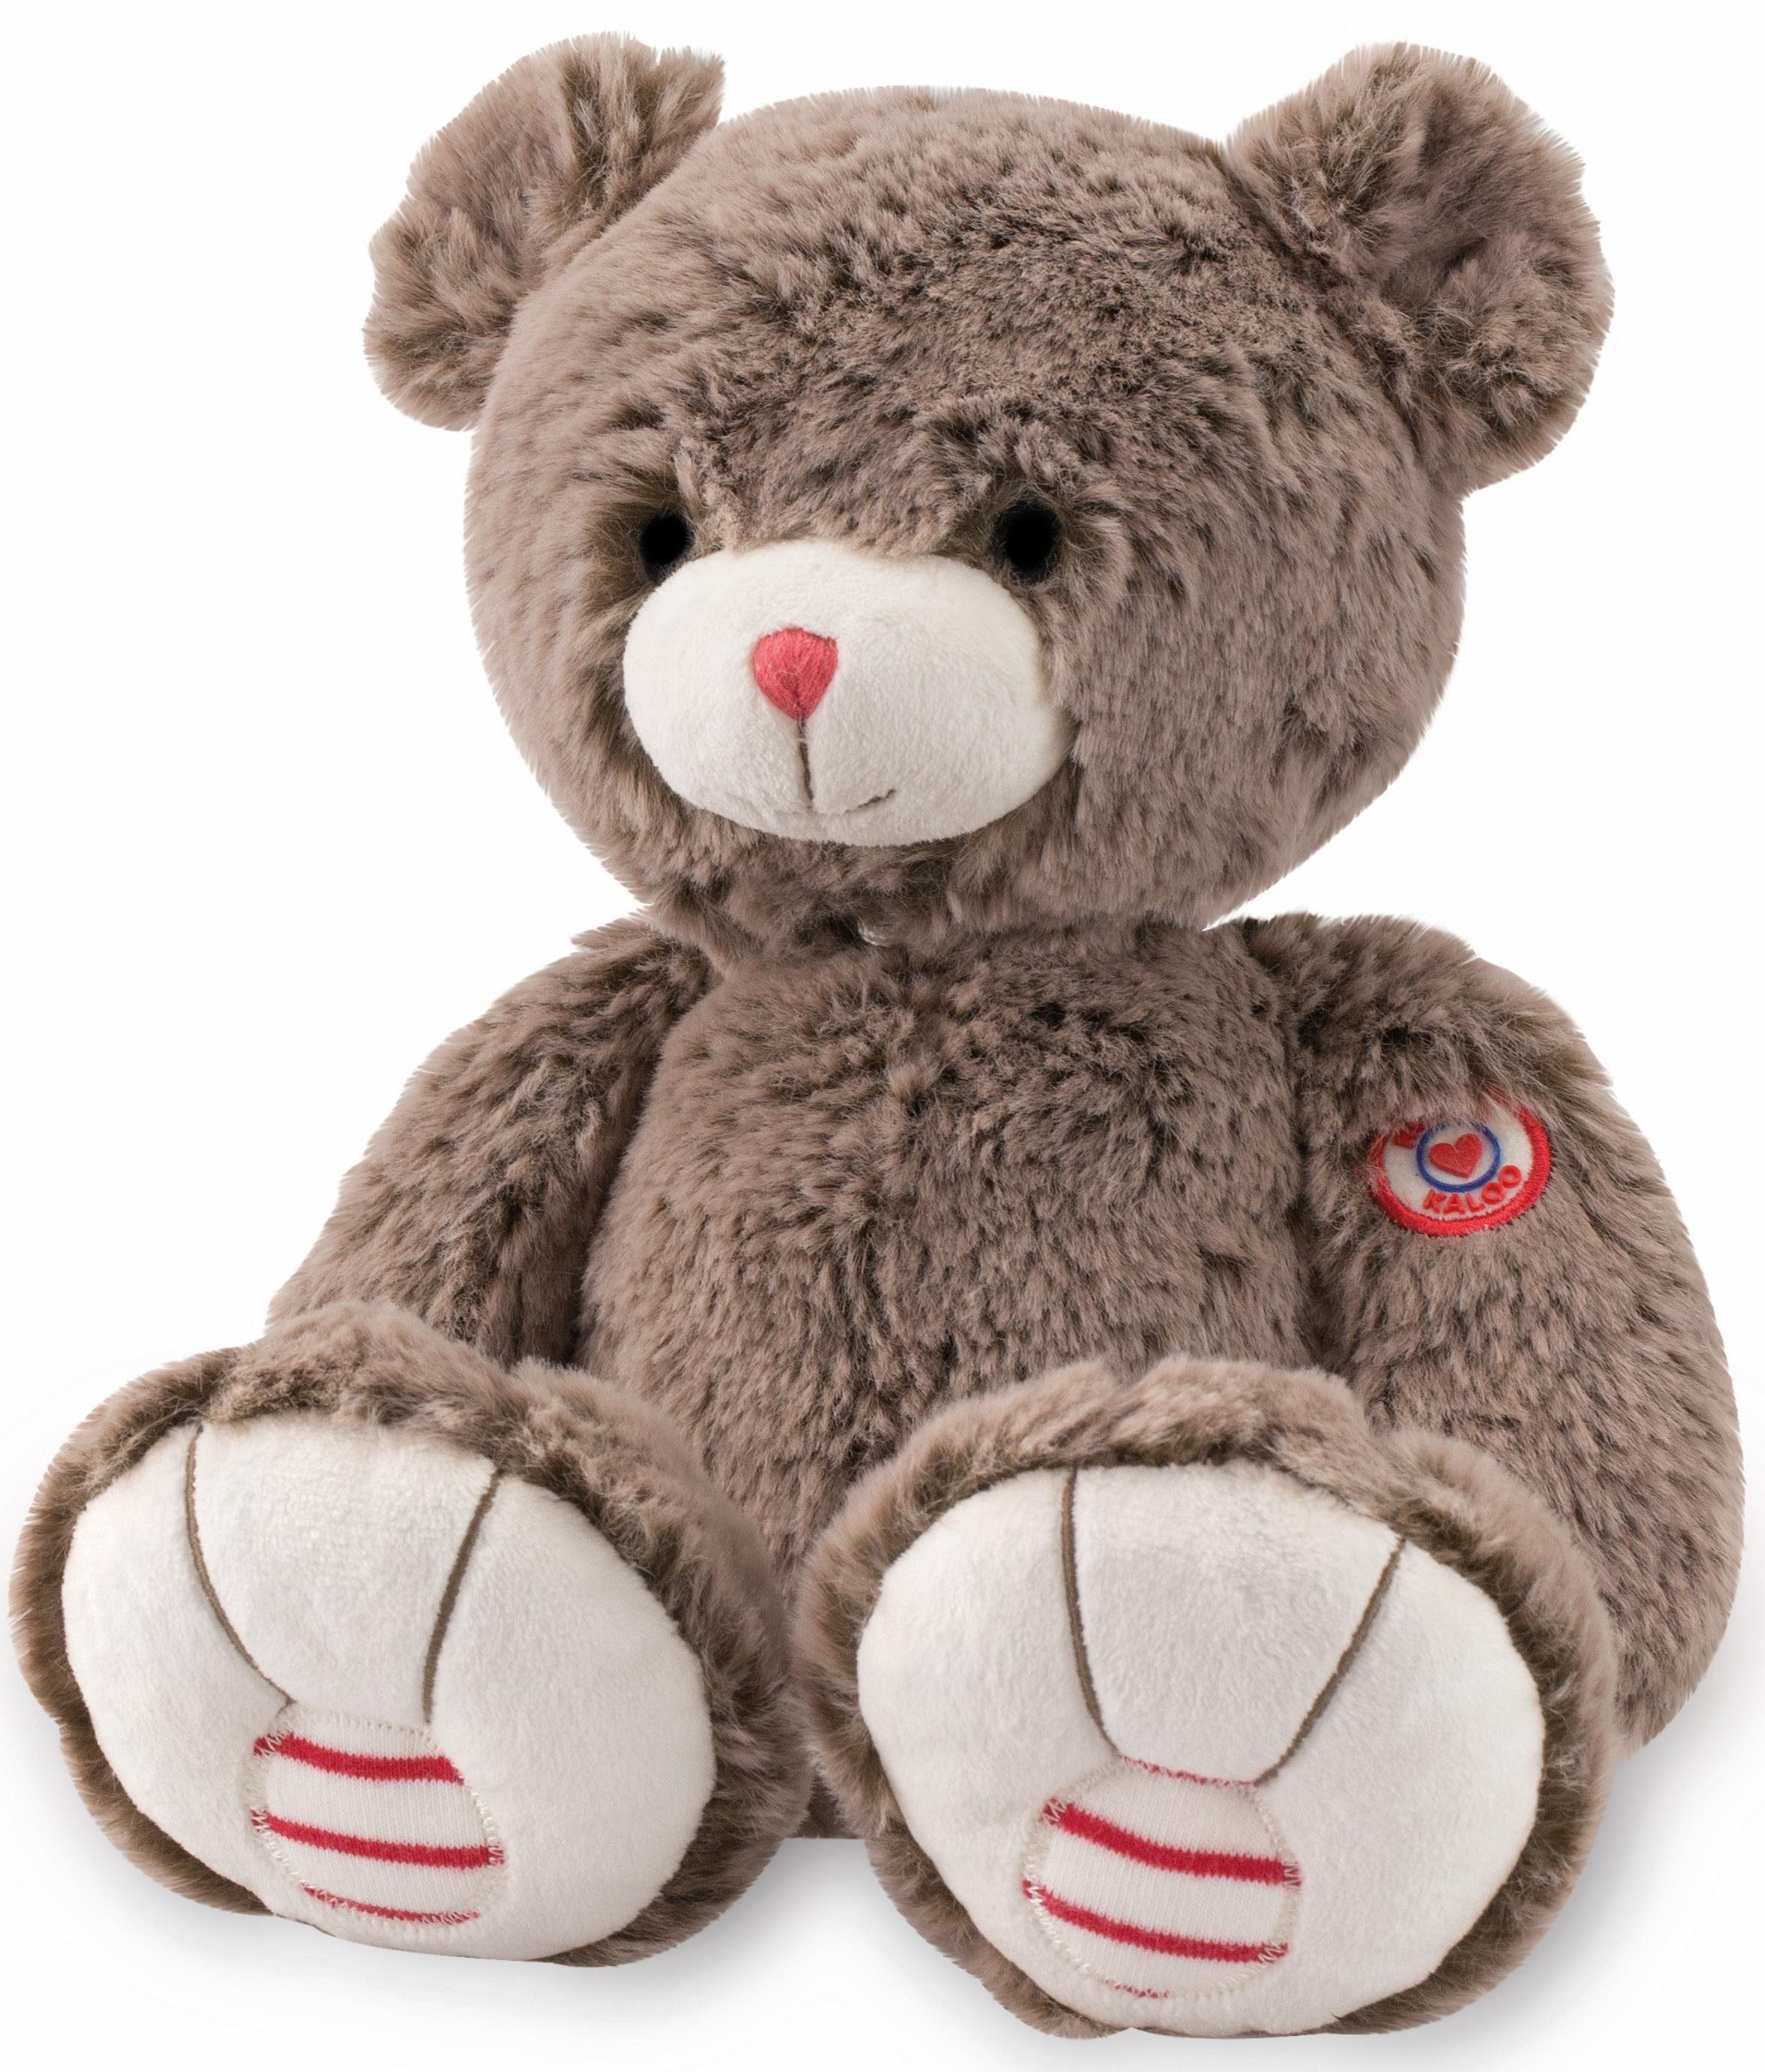 Kaloo Teddybär, ca. 31 cm, »Rouge Bär, braun«